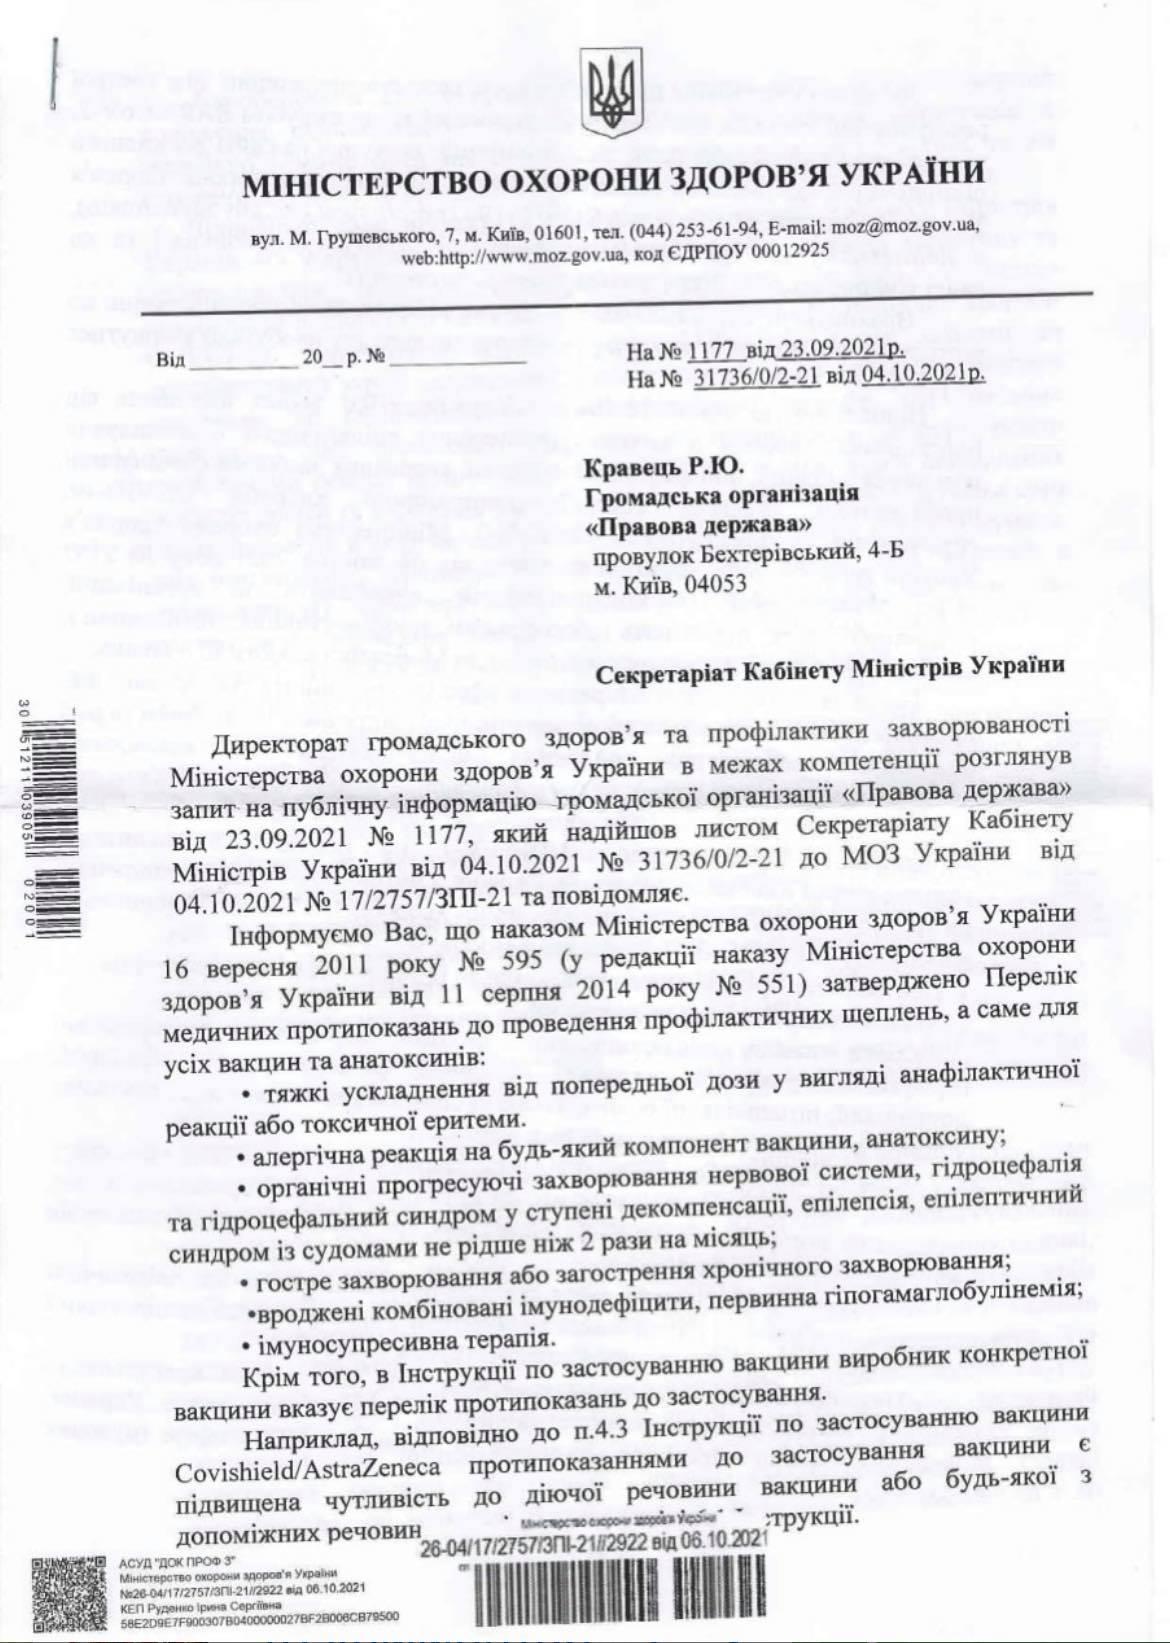 Ответ Минздрава адвокату, с. 1